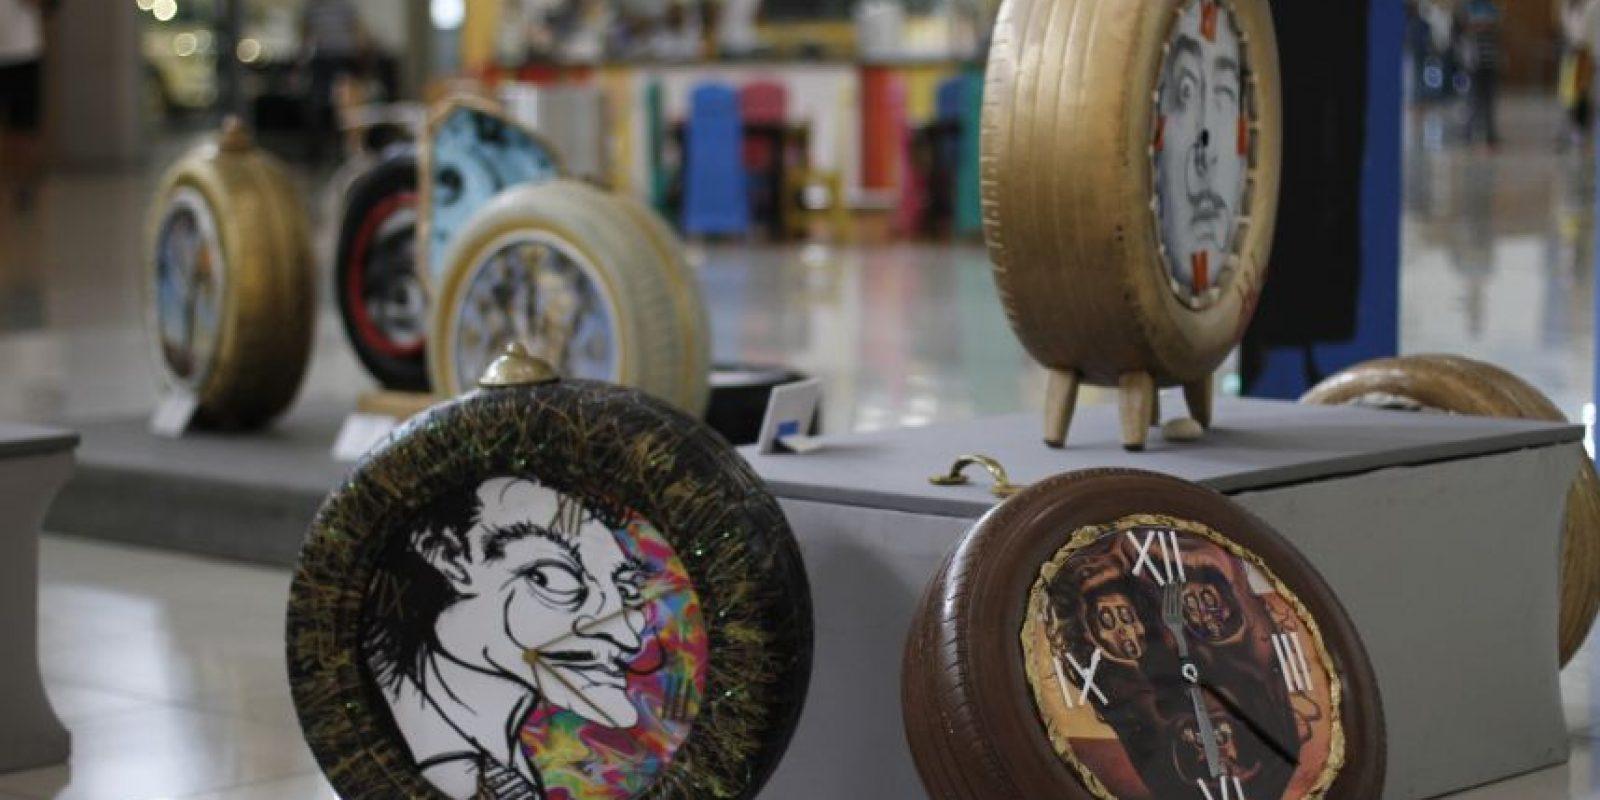 Si te encuentras caminando en los pasillos de Galería 360 y a distancia ves gomas intervenidas y colores brillantes, no lo pases por alto. Párate y descubre cómo los estudiantes de la clase de Expresión Creativa de la Escuela de Diseño de Interiores de UNIBE, en el marco de la semana de España, rindieron homenaje al maestro surrealista y al siempre perseguidor del tiempo: Salvador Dalí Foto: Roberto Guzmán